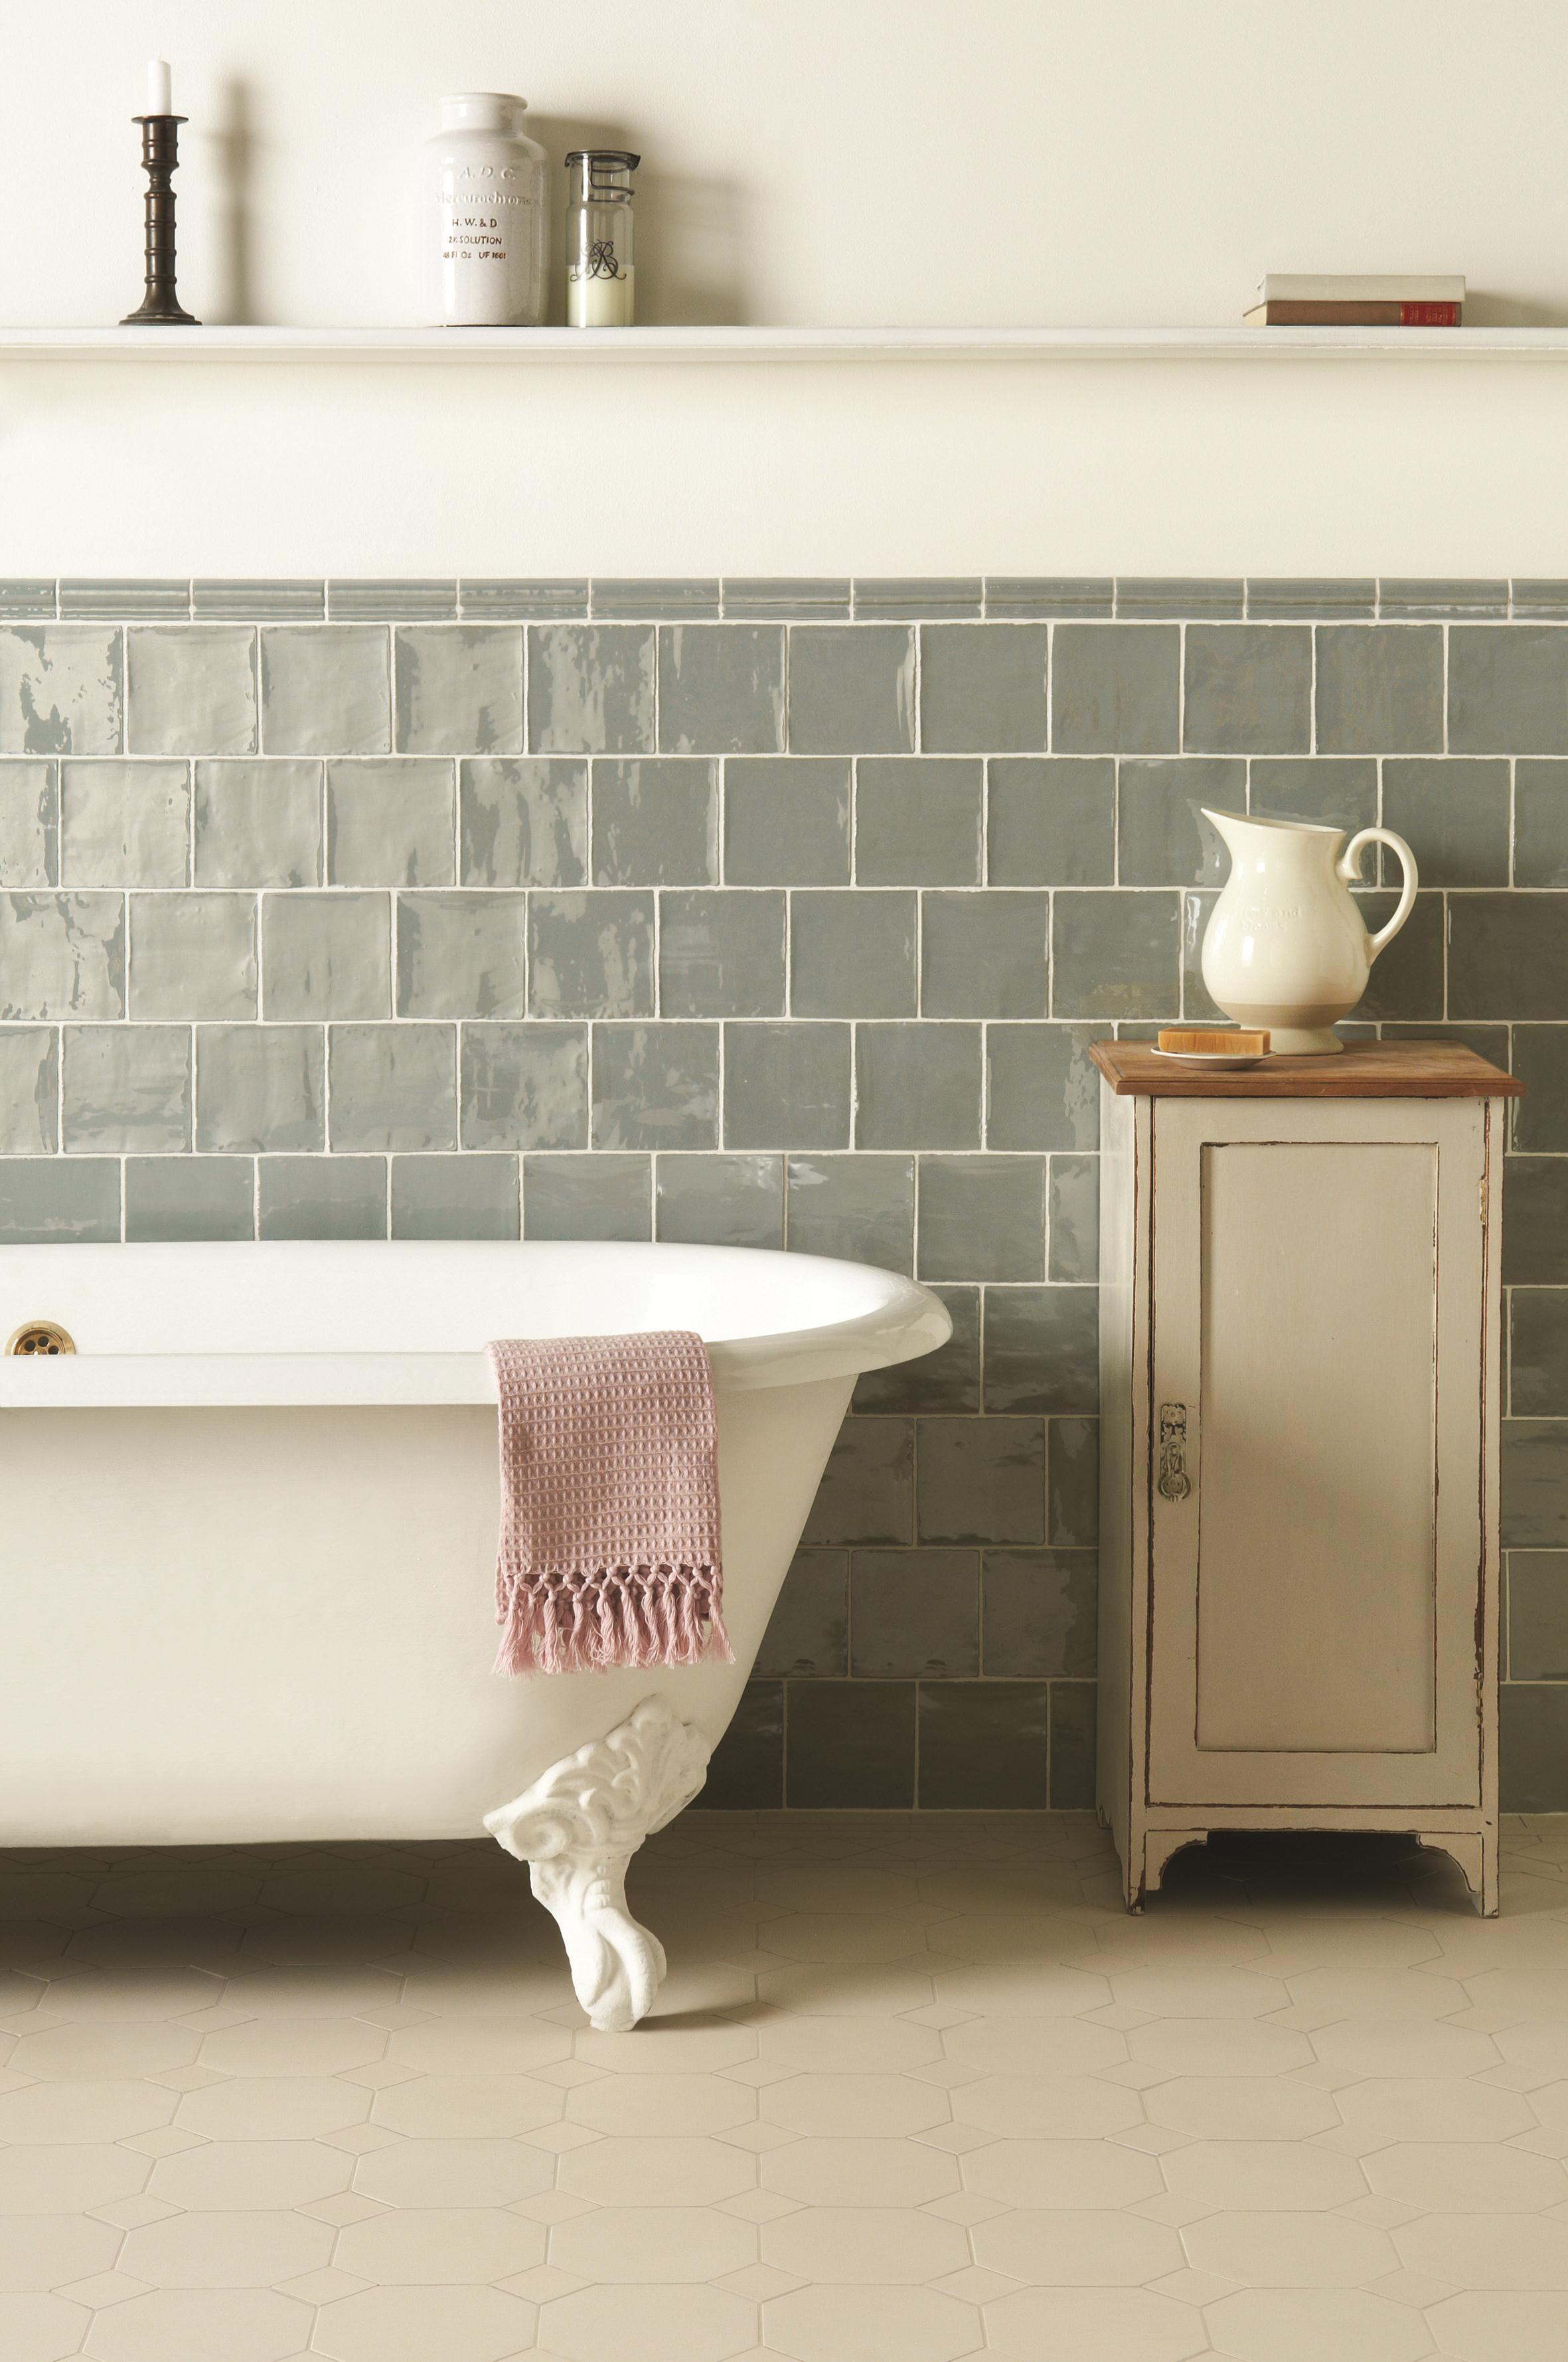 inspirational floor tiles bathroom decoration-Fascinating Floor Tiles Bathroom Concept